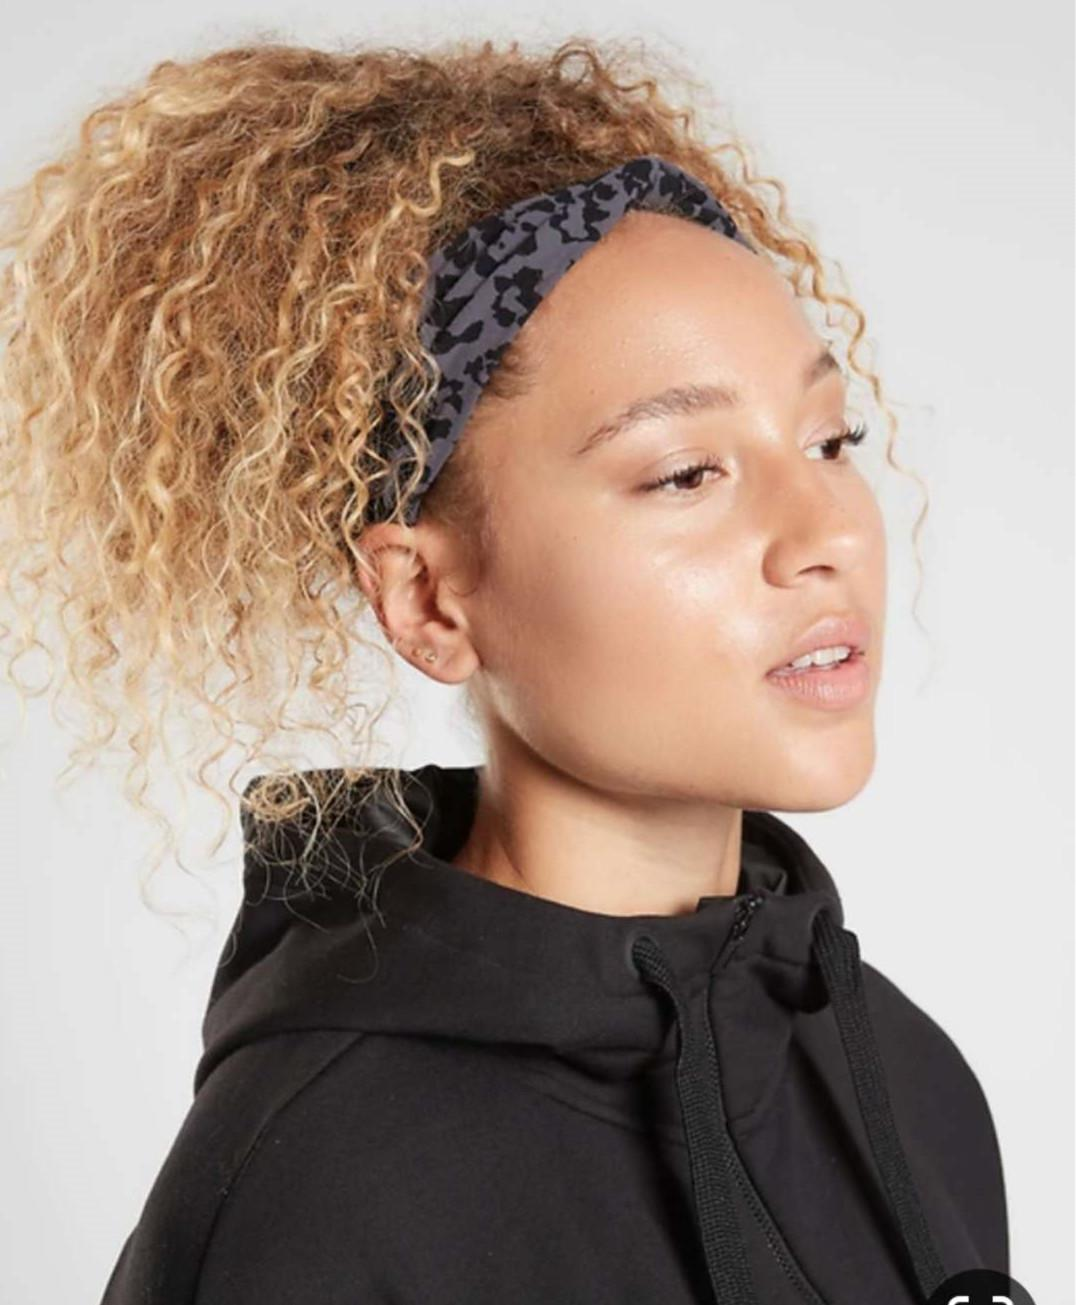 Miele donne bionde ponytail estensione dei capelli afro crespi capelli ricci soffio rosolare bene balayage a 120g bionda